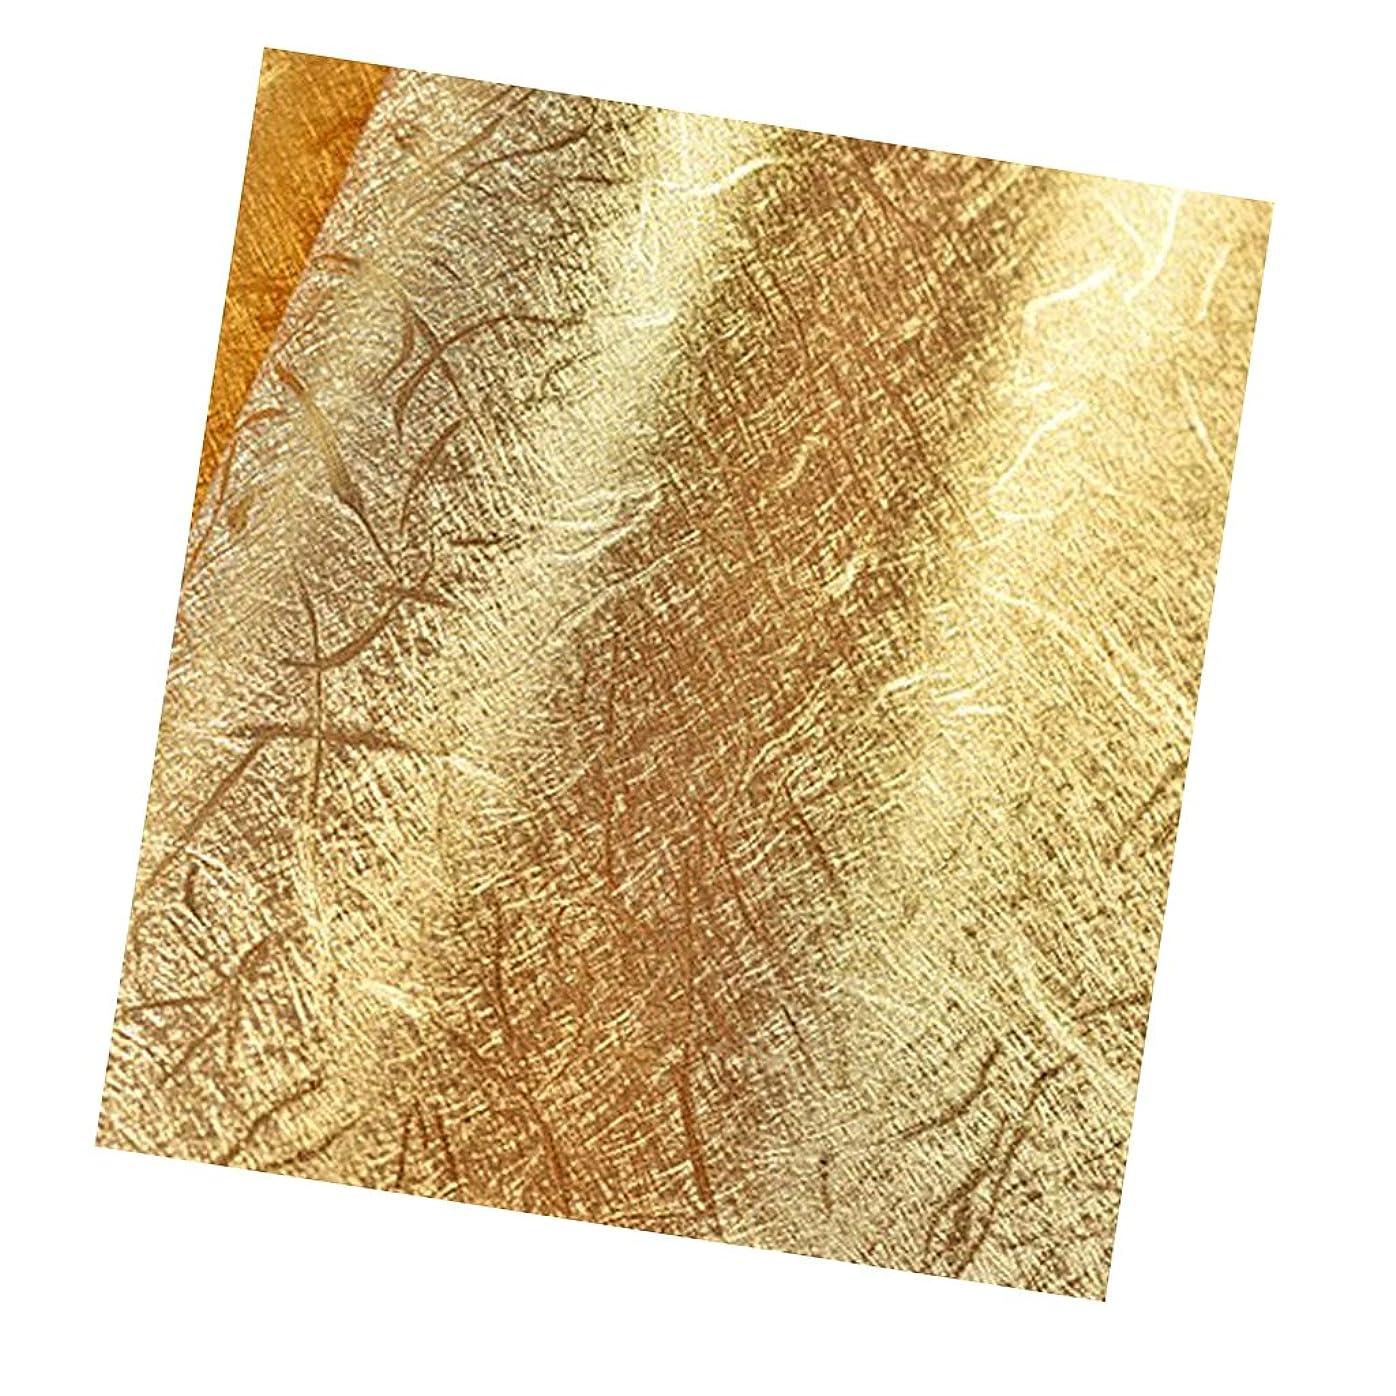 剃るクリア不格好SONONIA ホーム 豪華 壁紙 10メートル アールデコ 壁のステッカー ゴールド フォイル